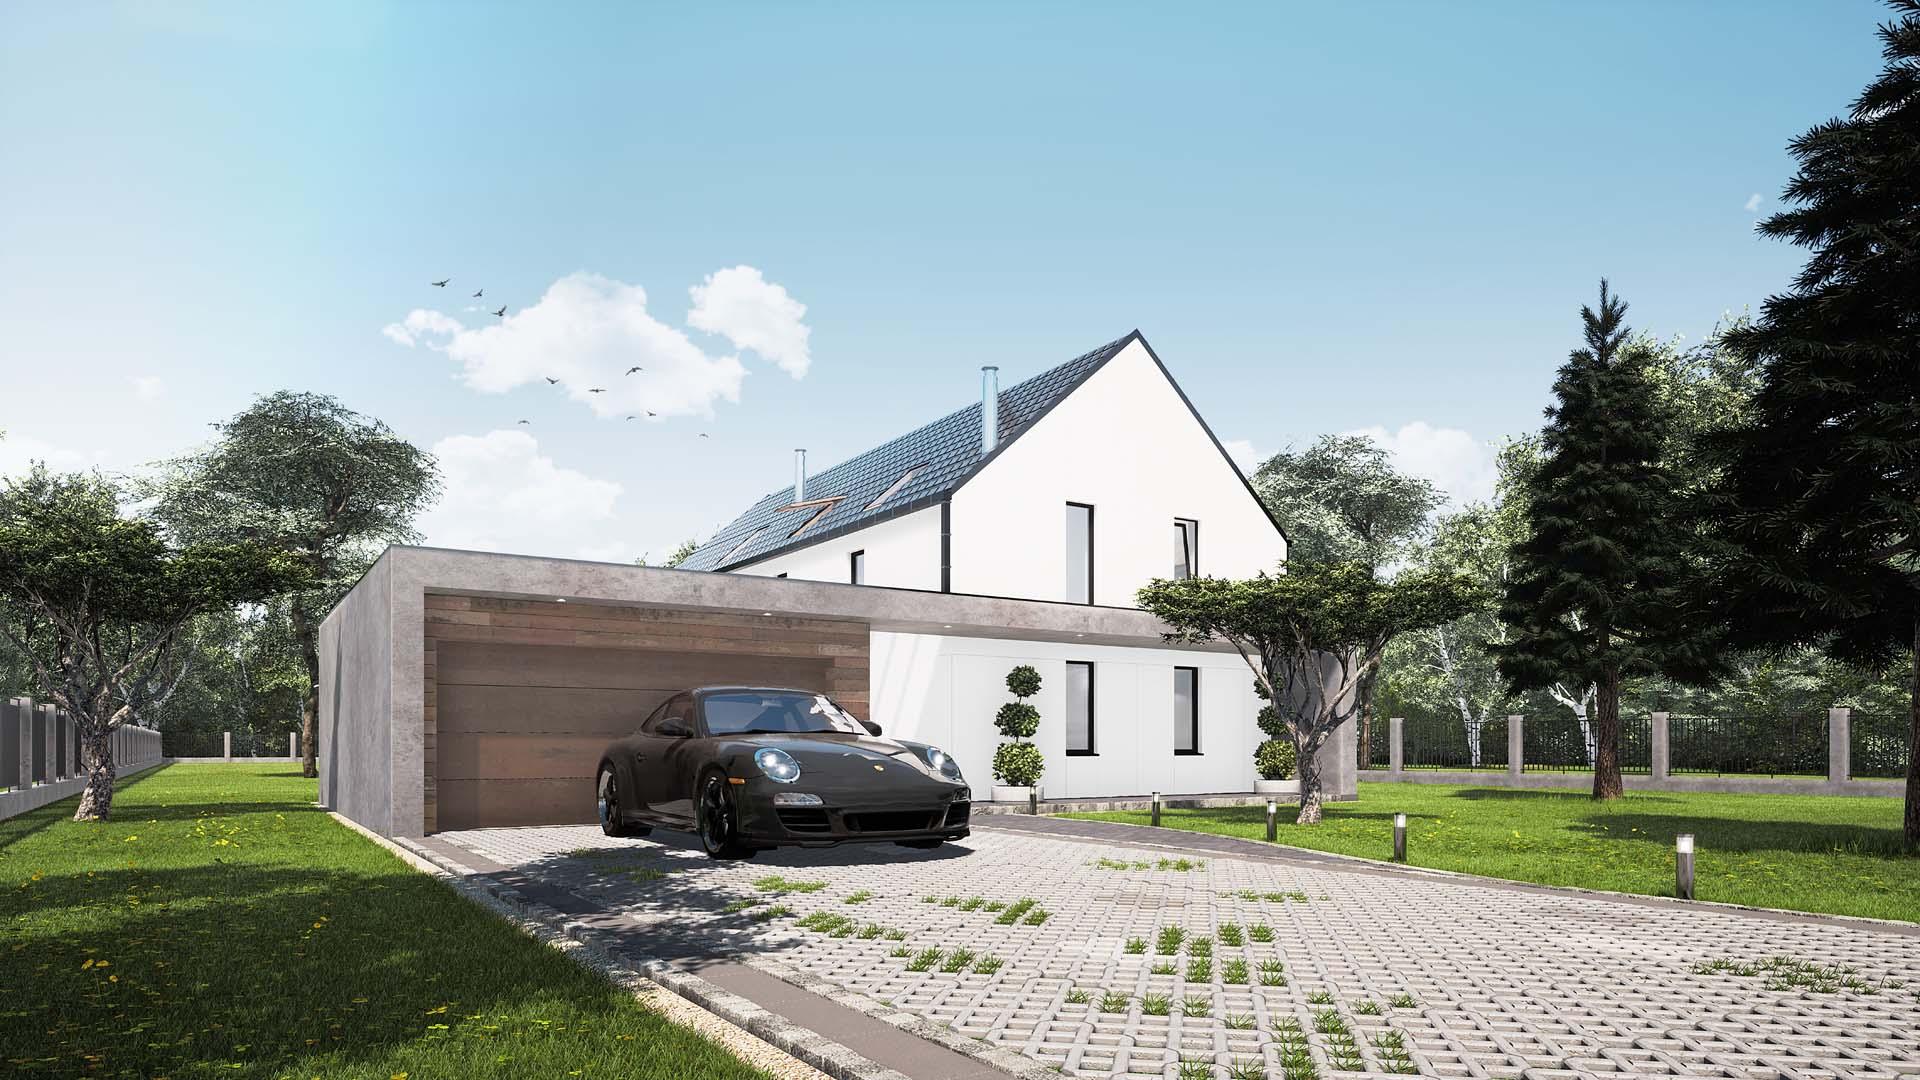 nowoczesny dom Śląsk projekt architektoniczny